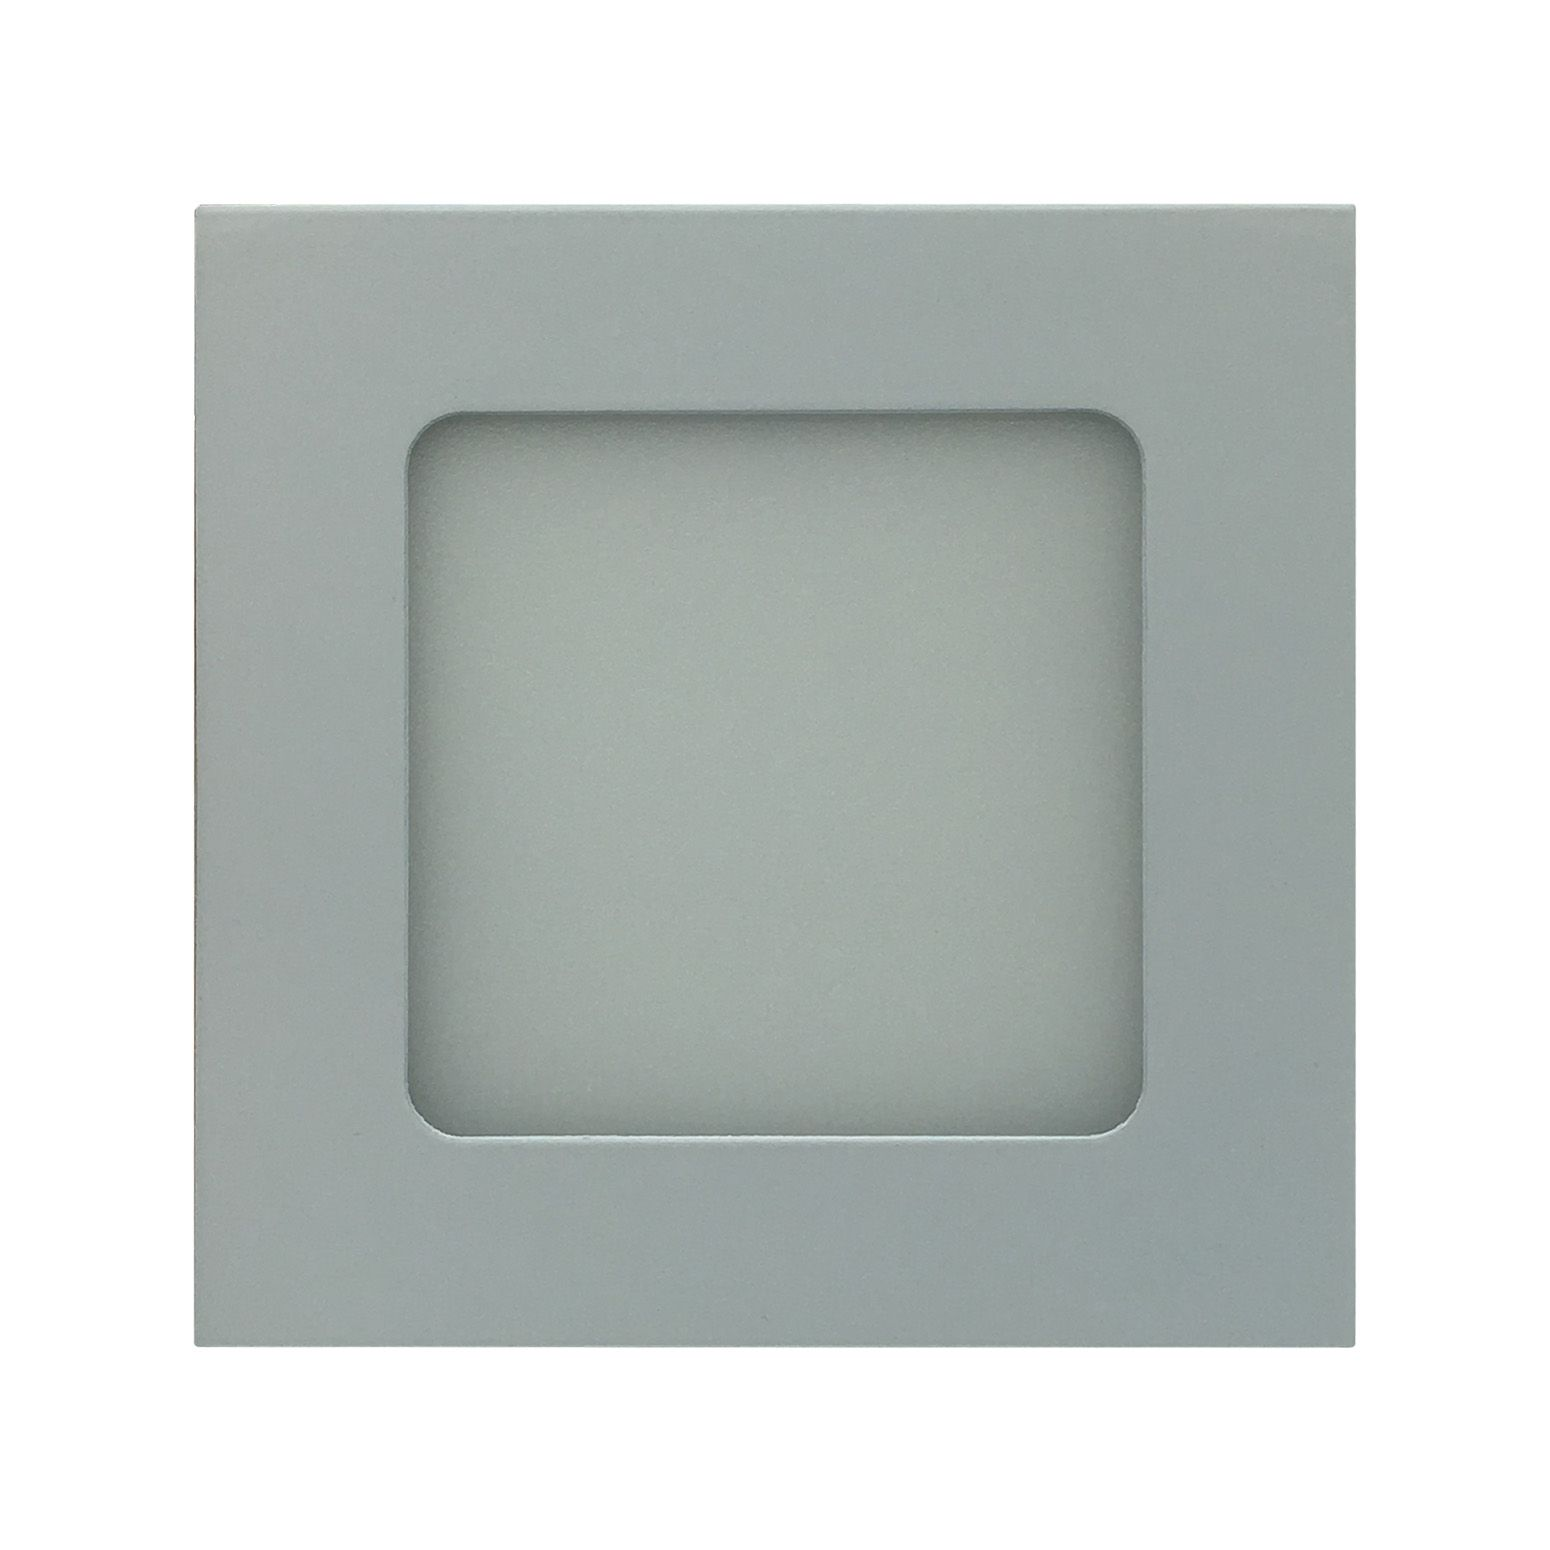 Painel de LED Embutir Quadrado 6000K - 6W (Bivolt)